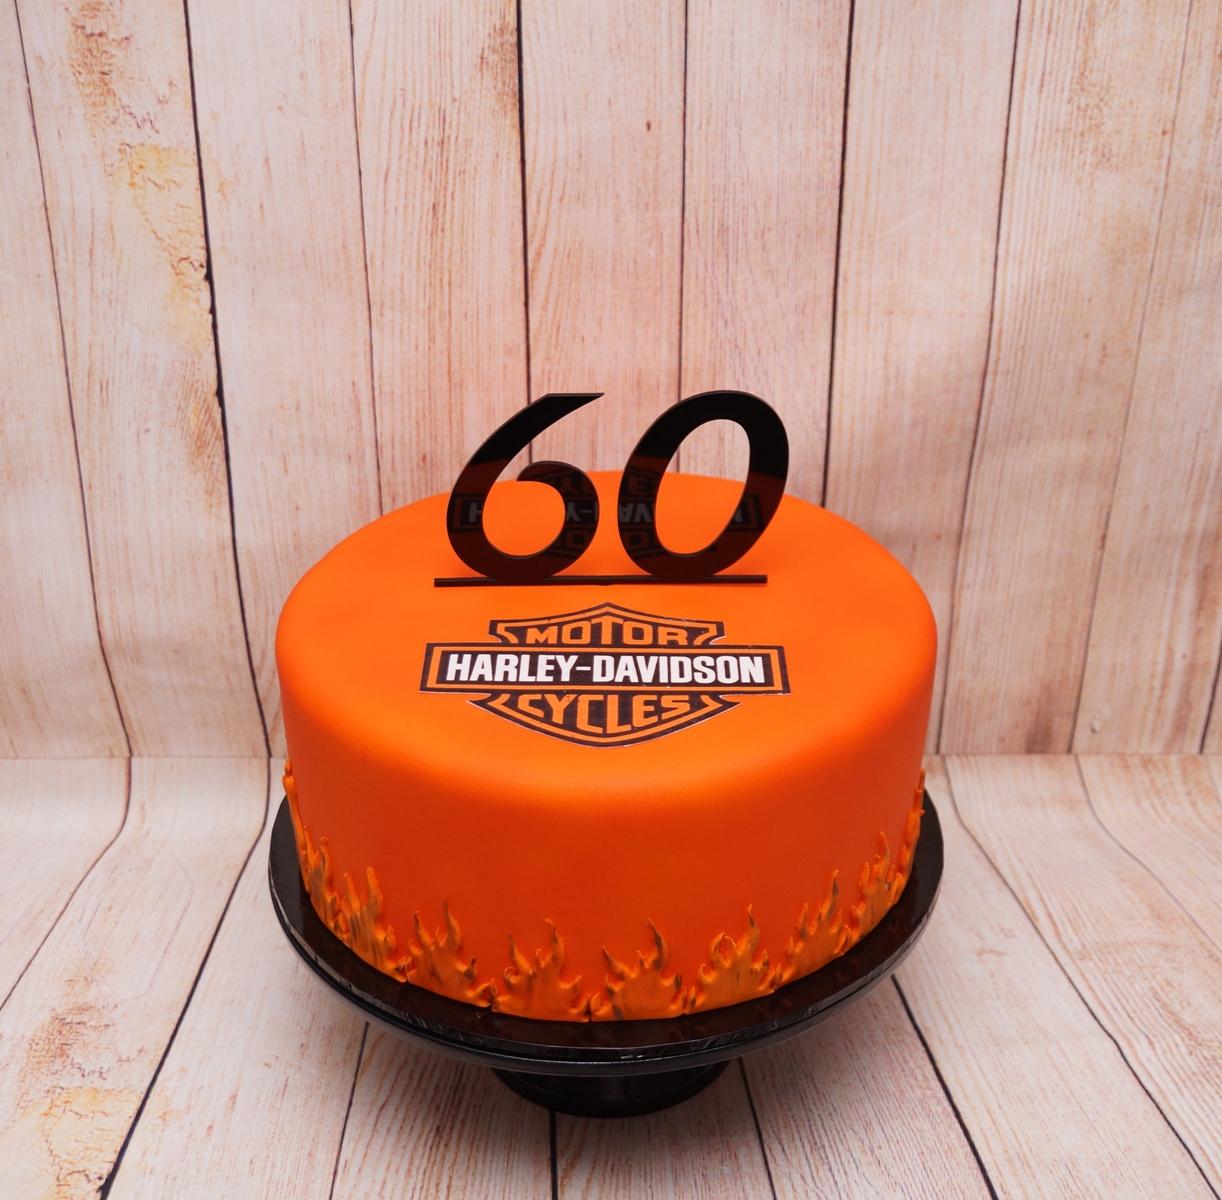 Harley Davidson Cake 8.09.18